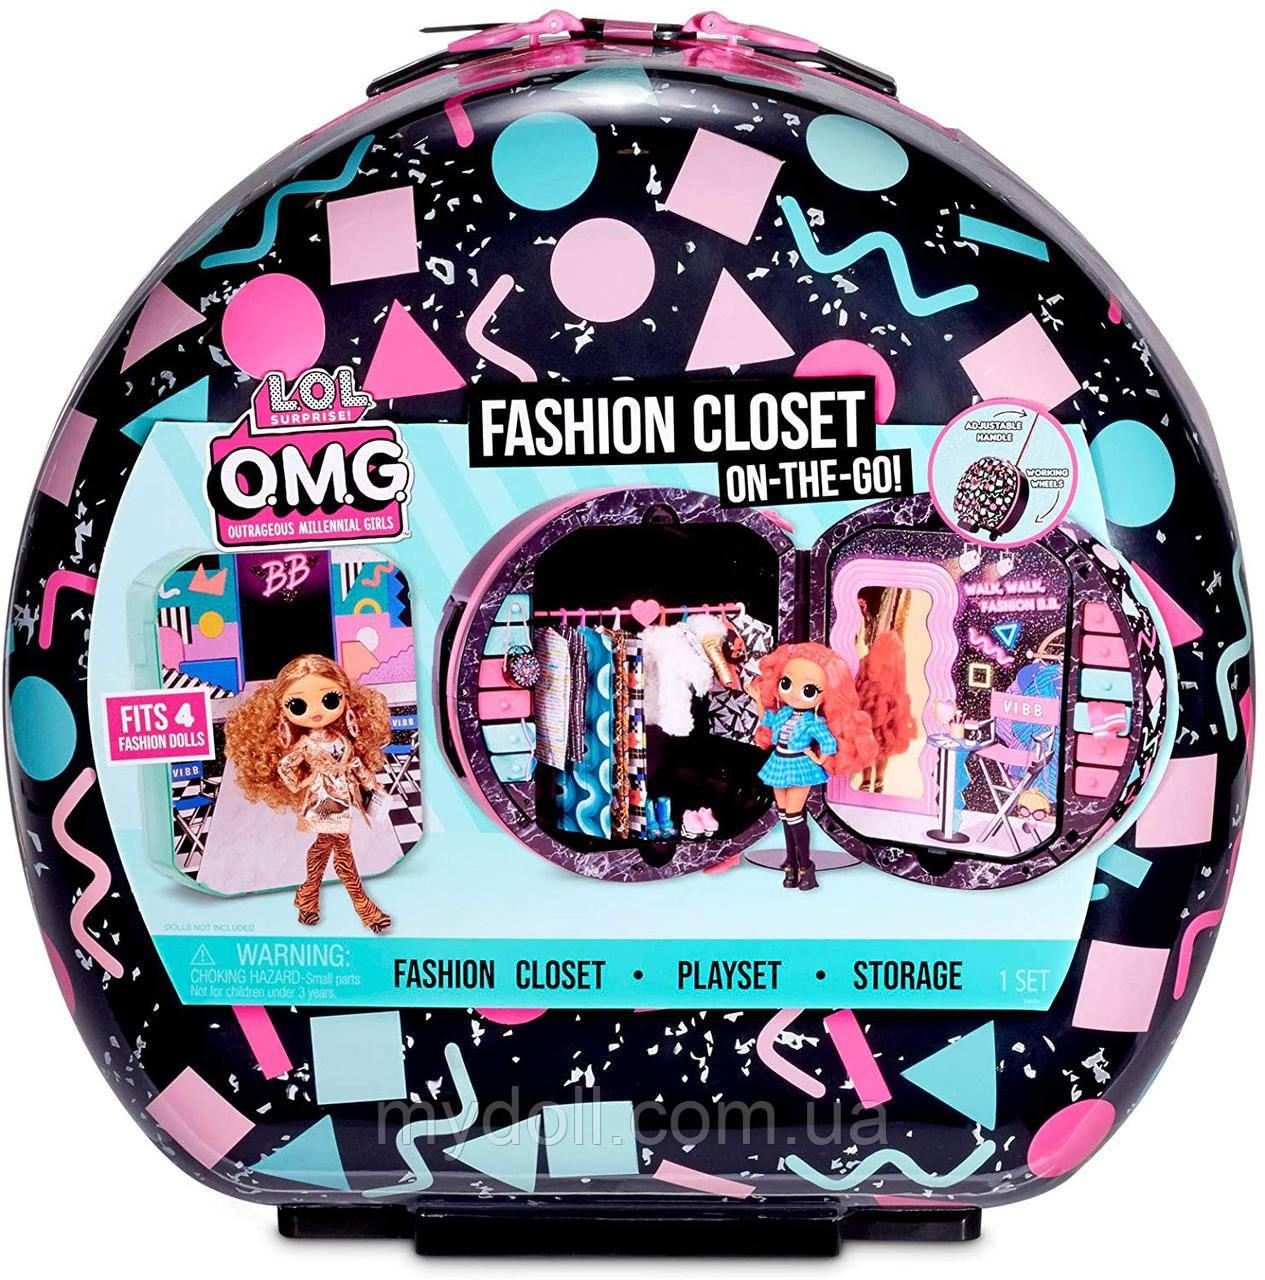 Передвижной Гардероб-чемодан Путешествуем вместе для кукол ЛОЛ - L.O.L. Surprise! O.M.G. Fashion Closet